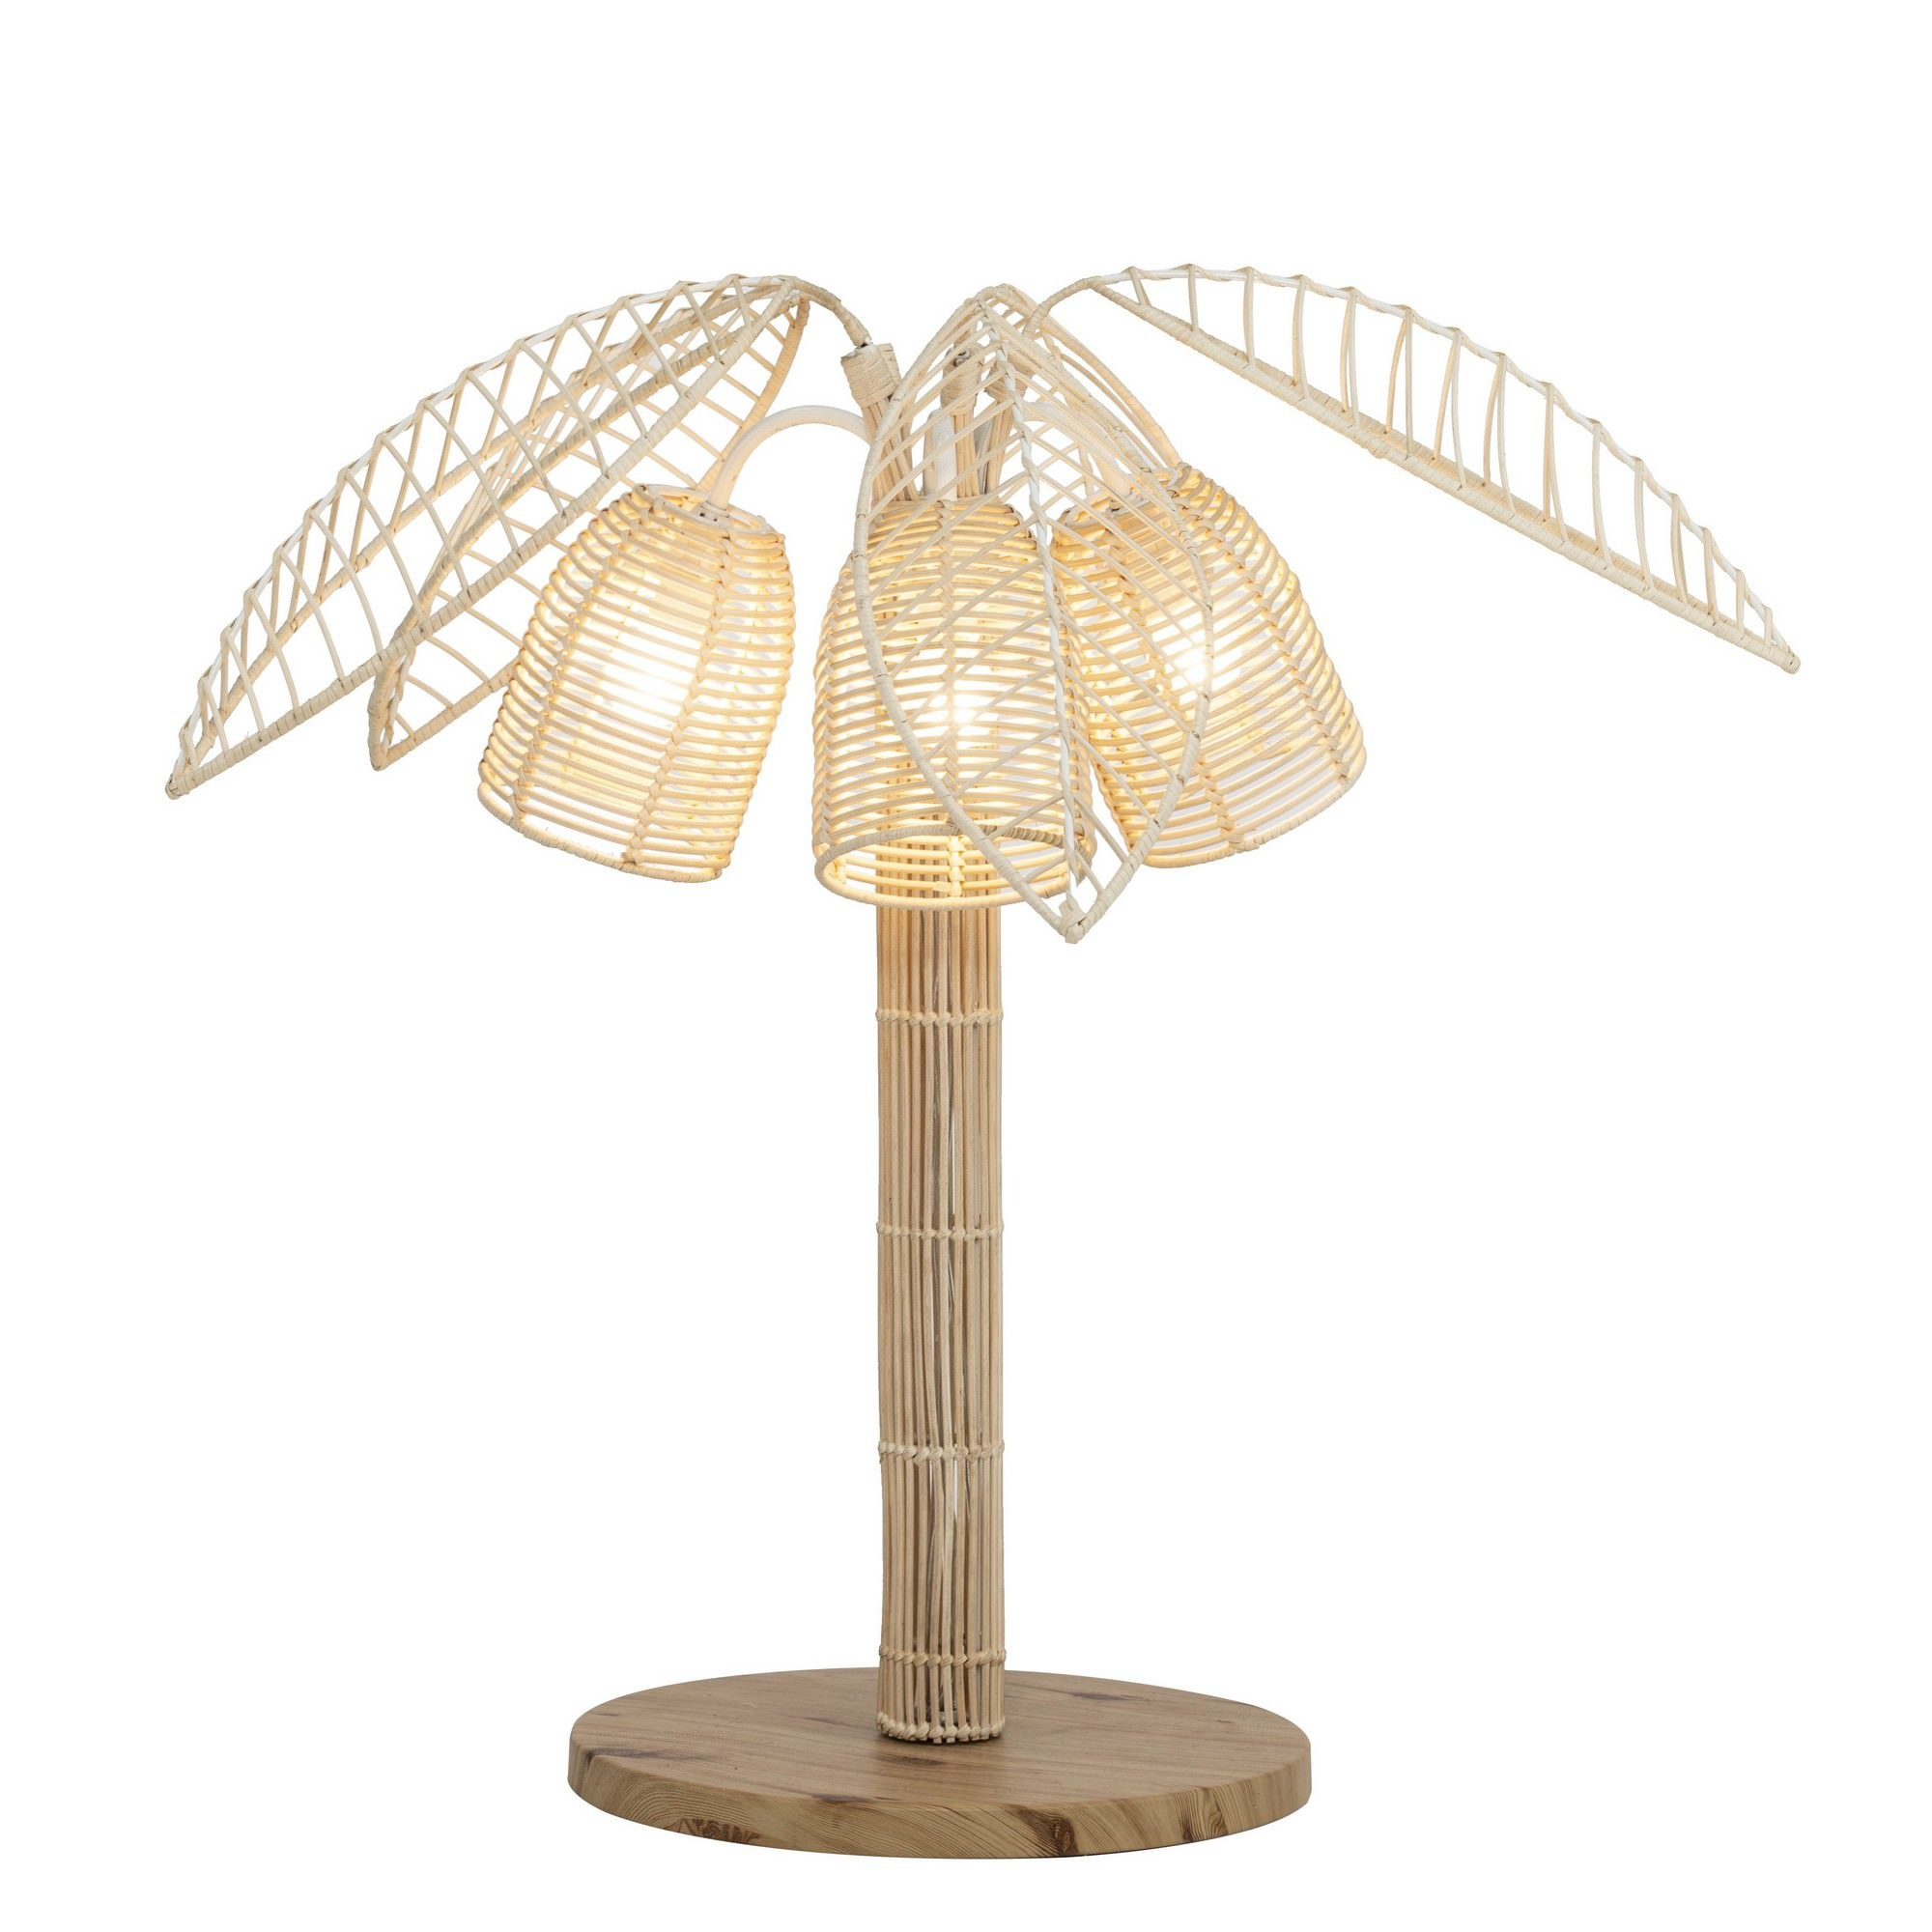 Palmilla Rattan Table Lamp